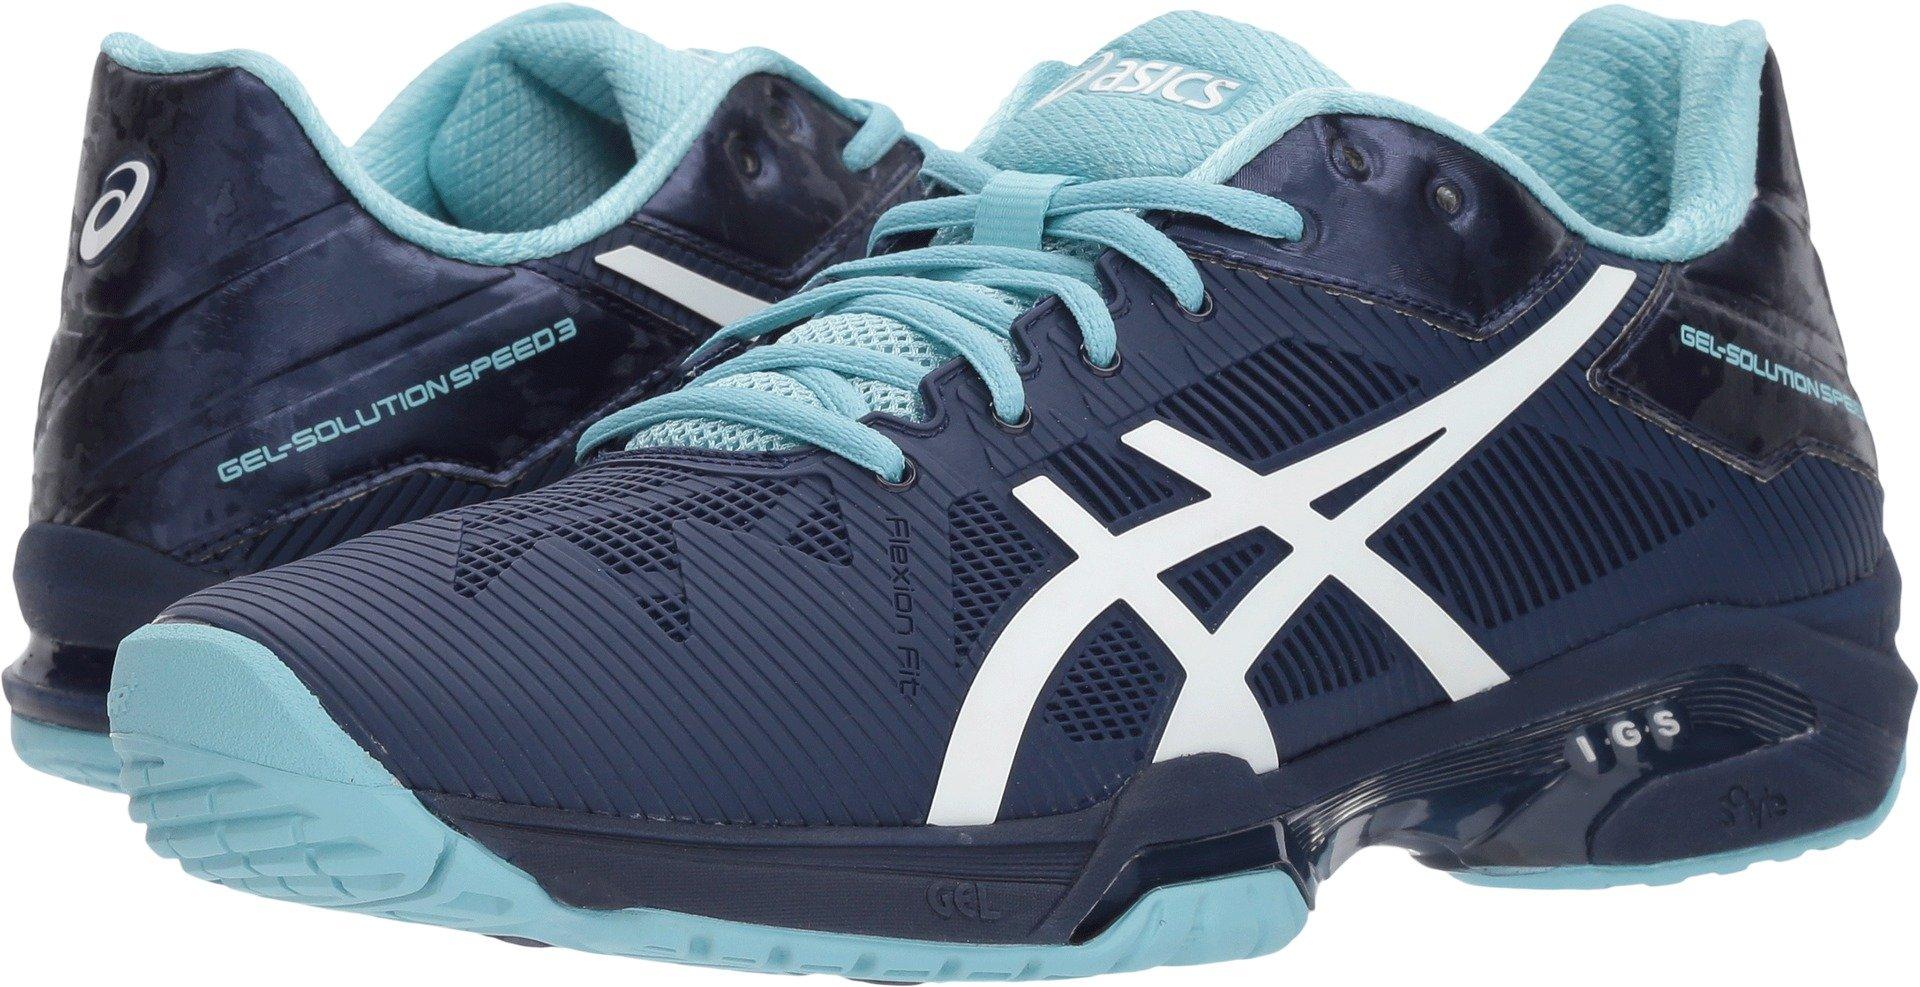 ASICS Womens Gel-Solution Speed 3 Sneaker, Indigo Blue/White/Porcelain Blue, Size 8.5